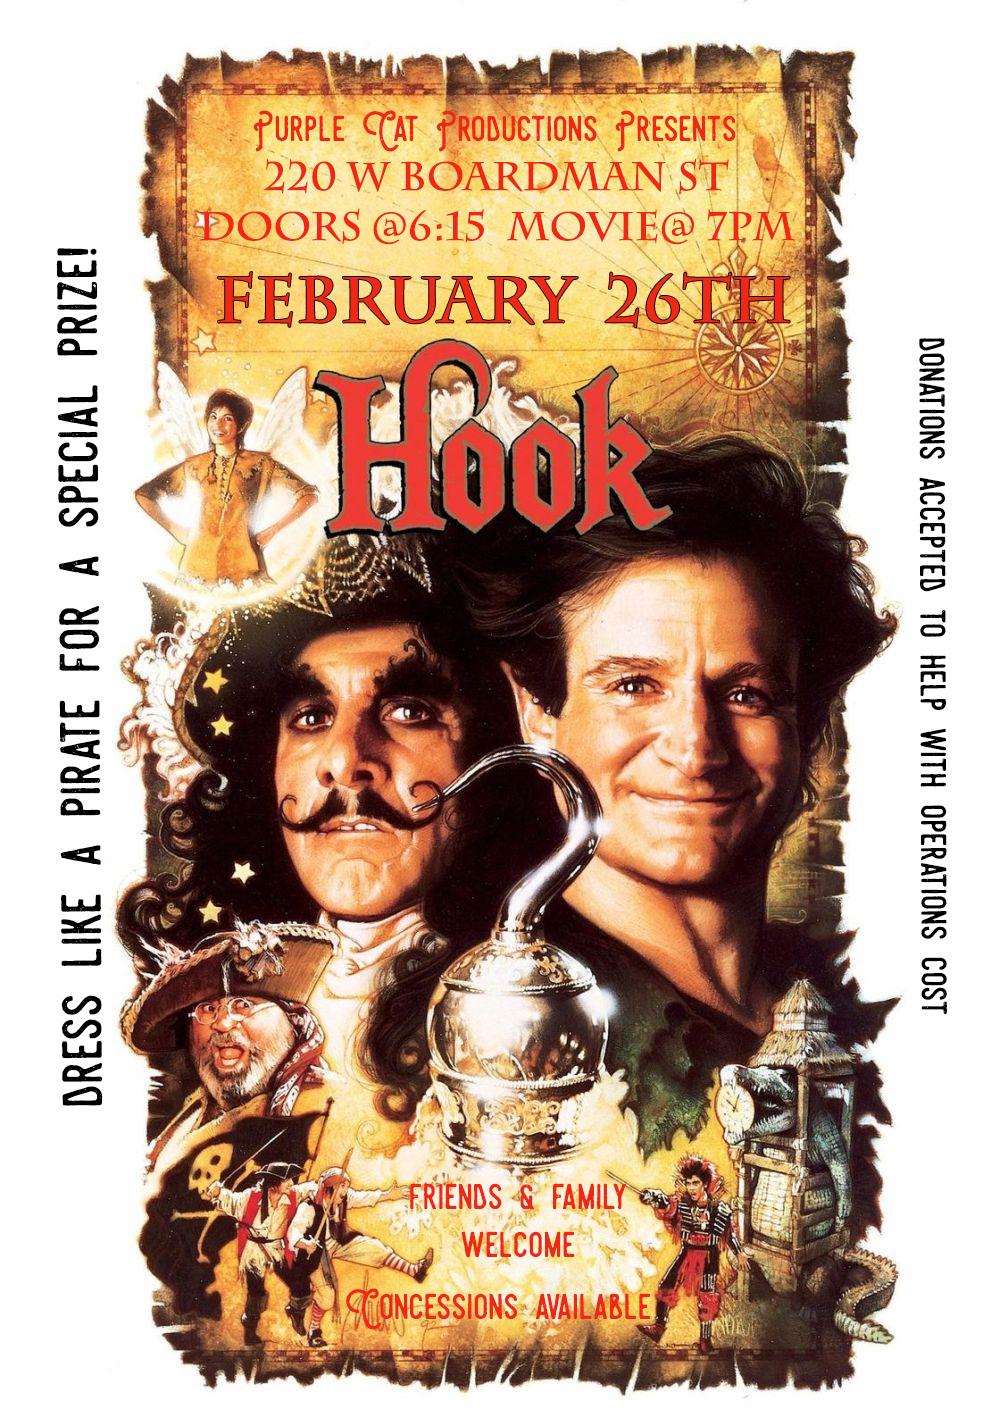 Monday Night Movie: Hook